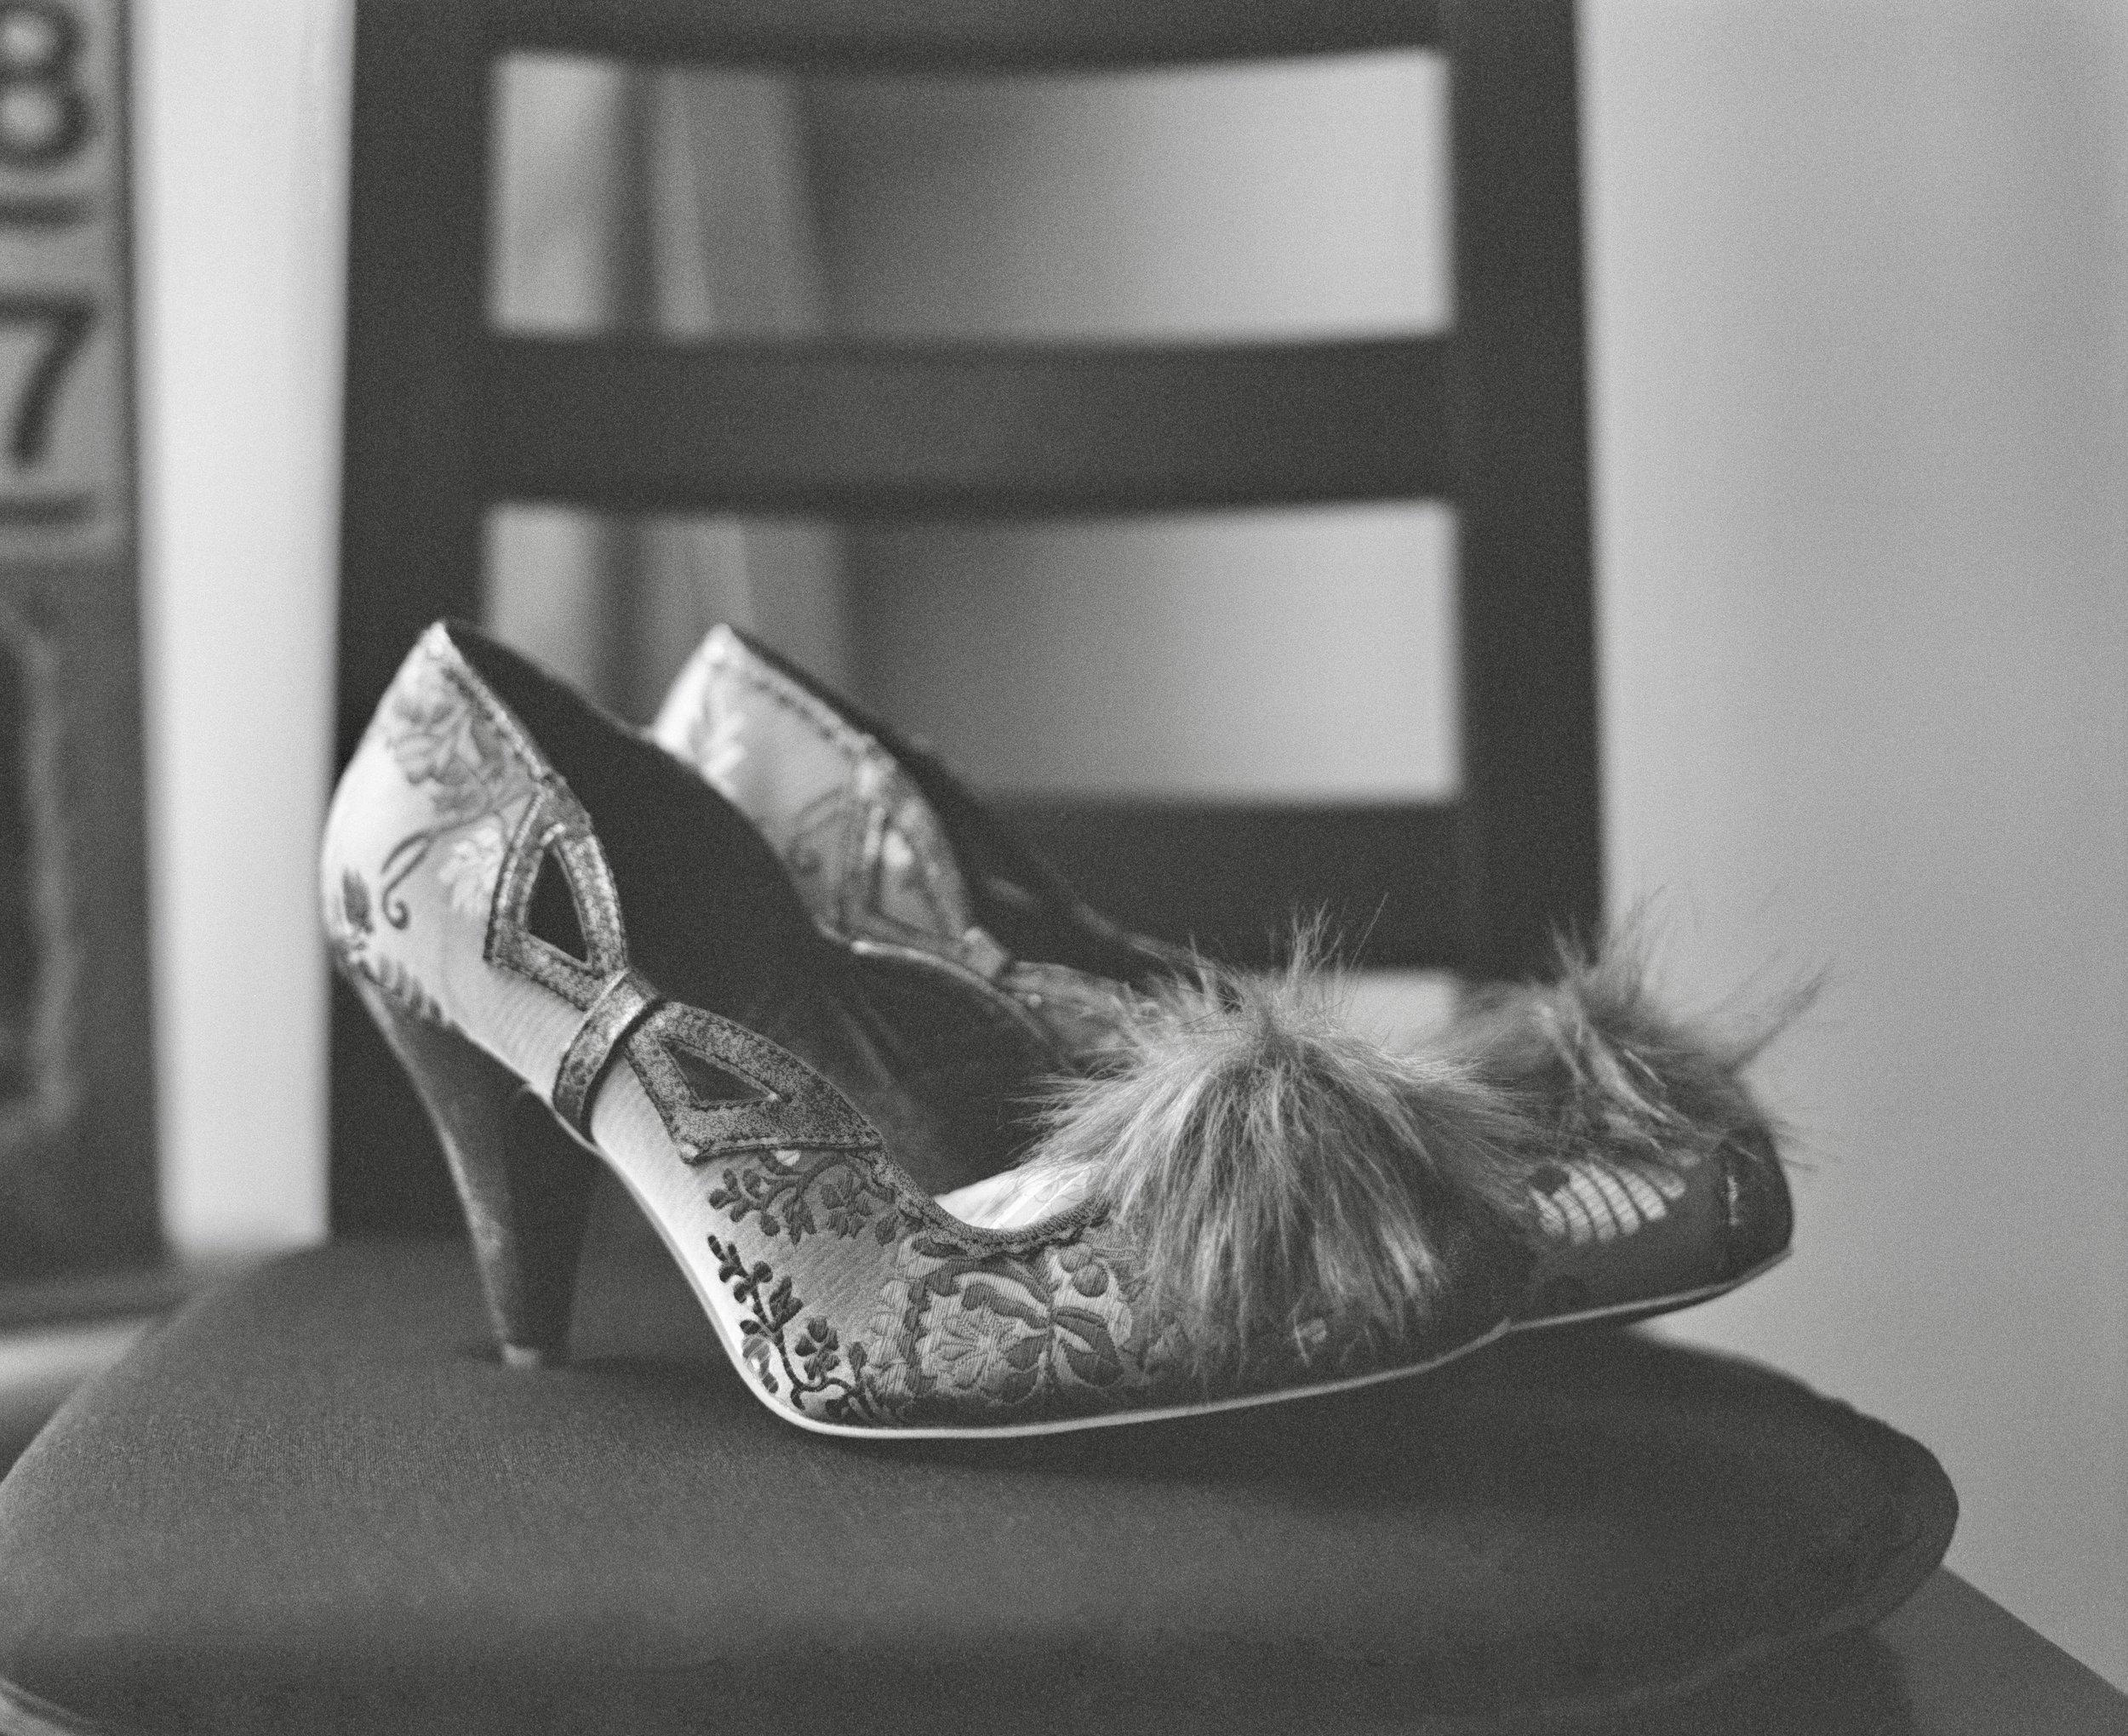 Audrey's favourite shoes